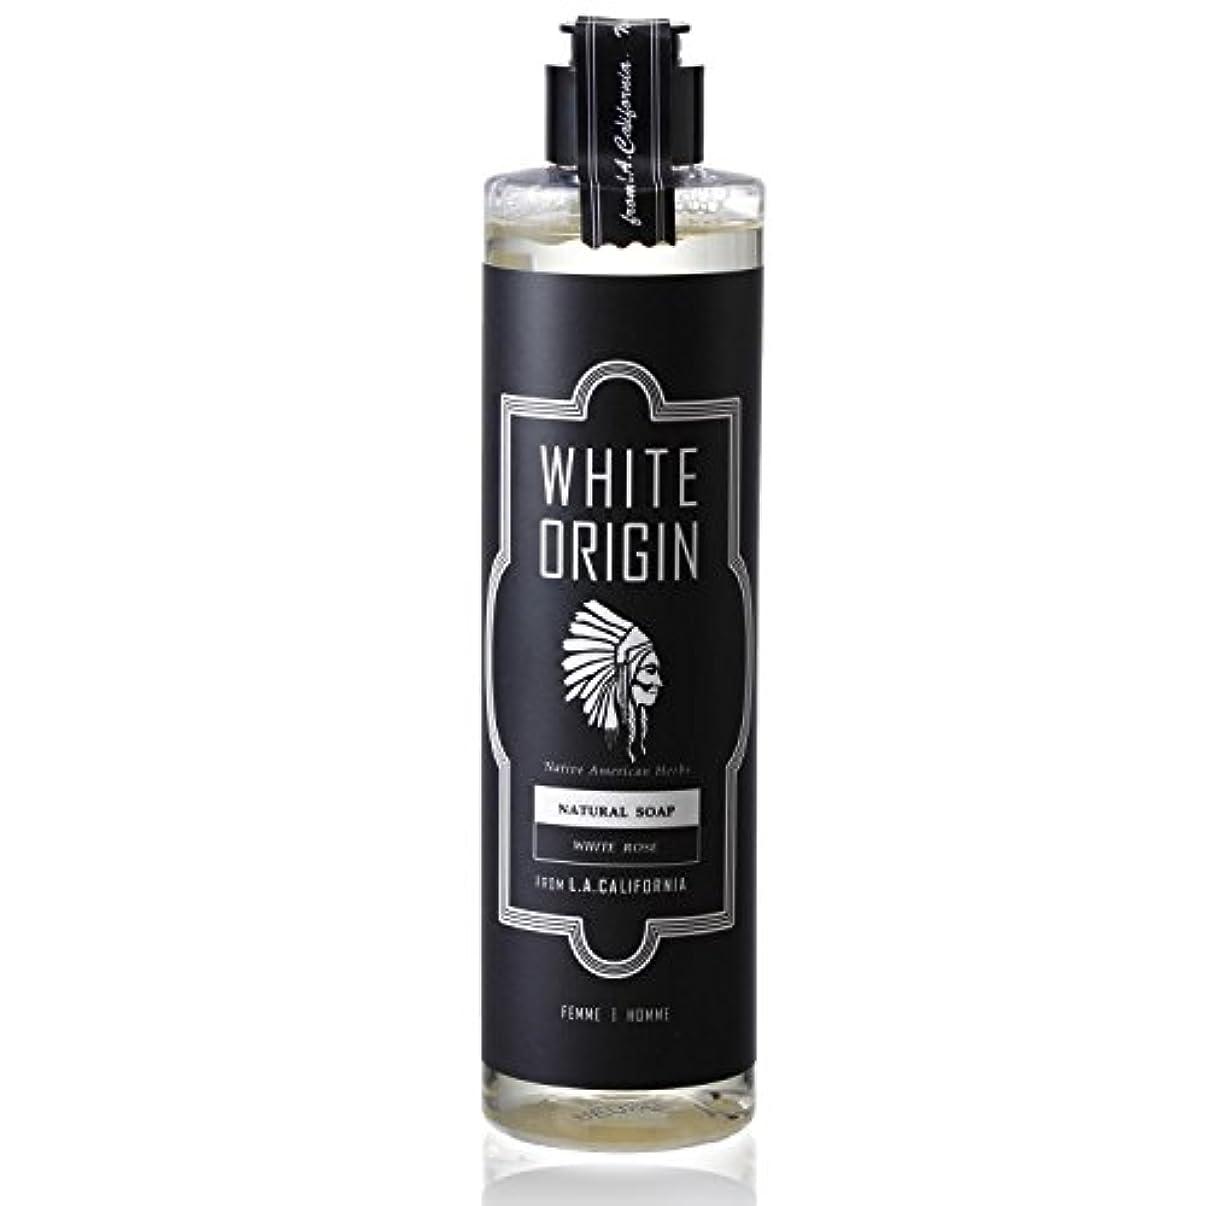 桃北西いいねWHITE ORIGIN ボディソープ 300ml 加齢臭 ケア オーガニック ナチュラル 男前 乾燥 ホワイトローズ